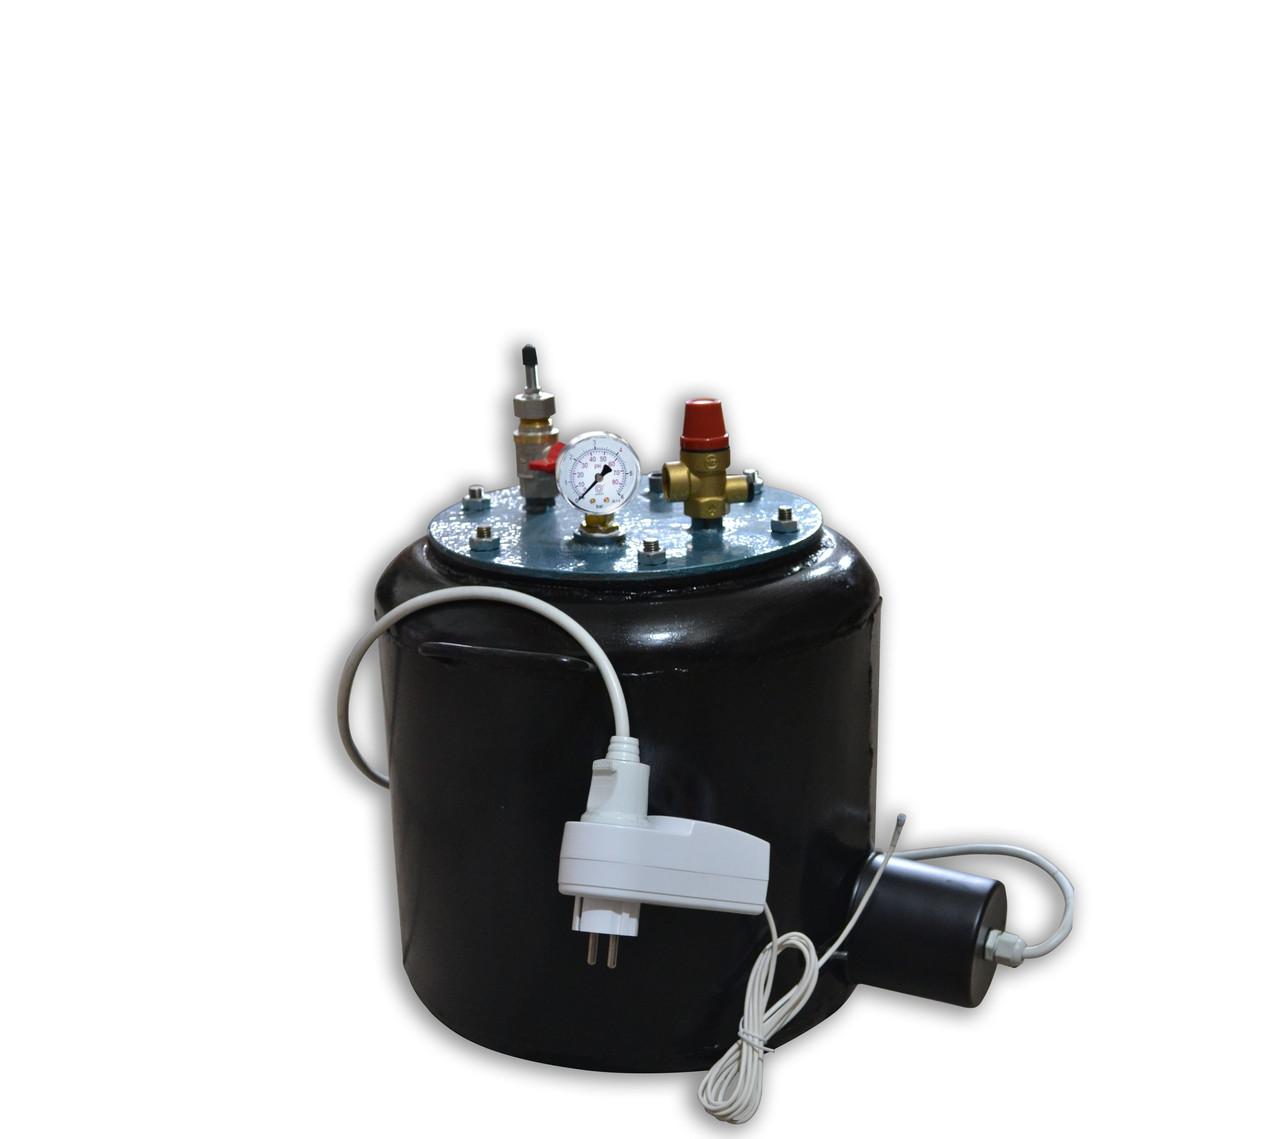 Автоклав бытовой УТех-8 electro: чёрный металл, объем бака 14 л - Сто грамм в Киеве